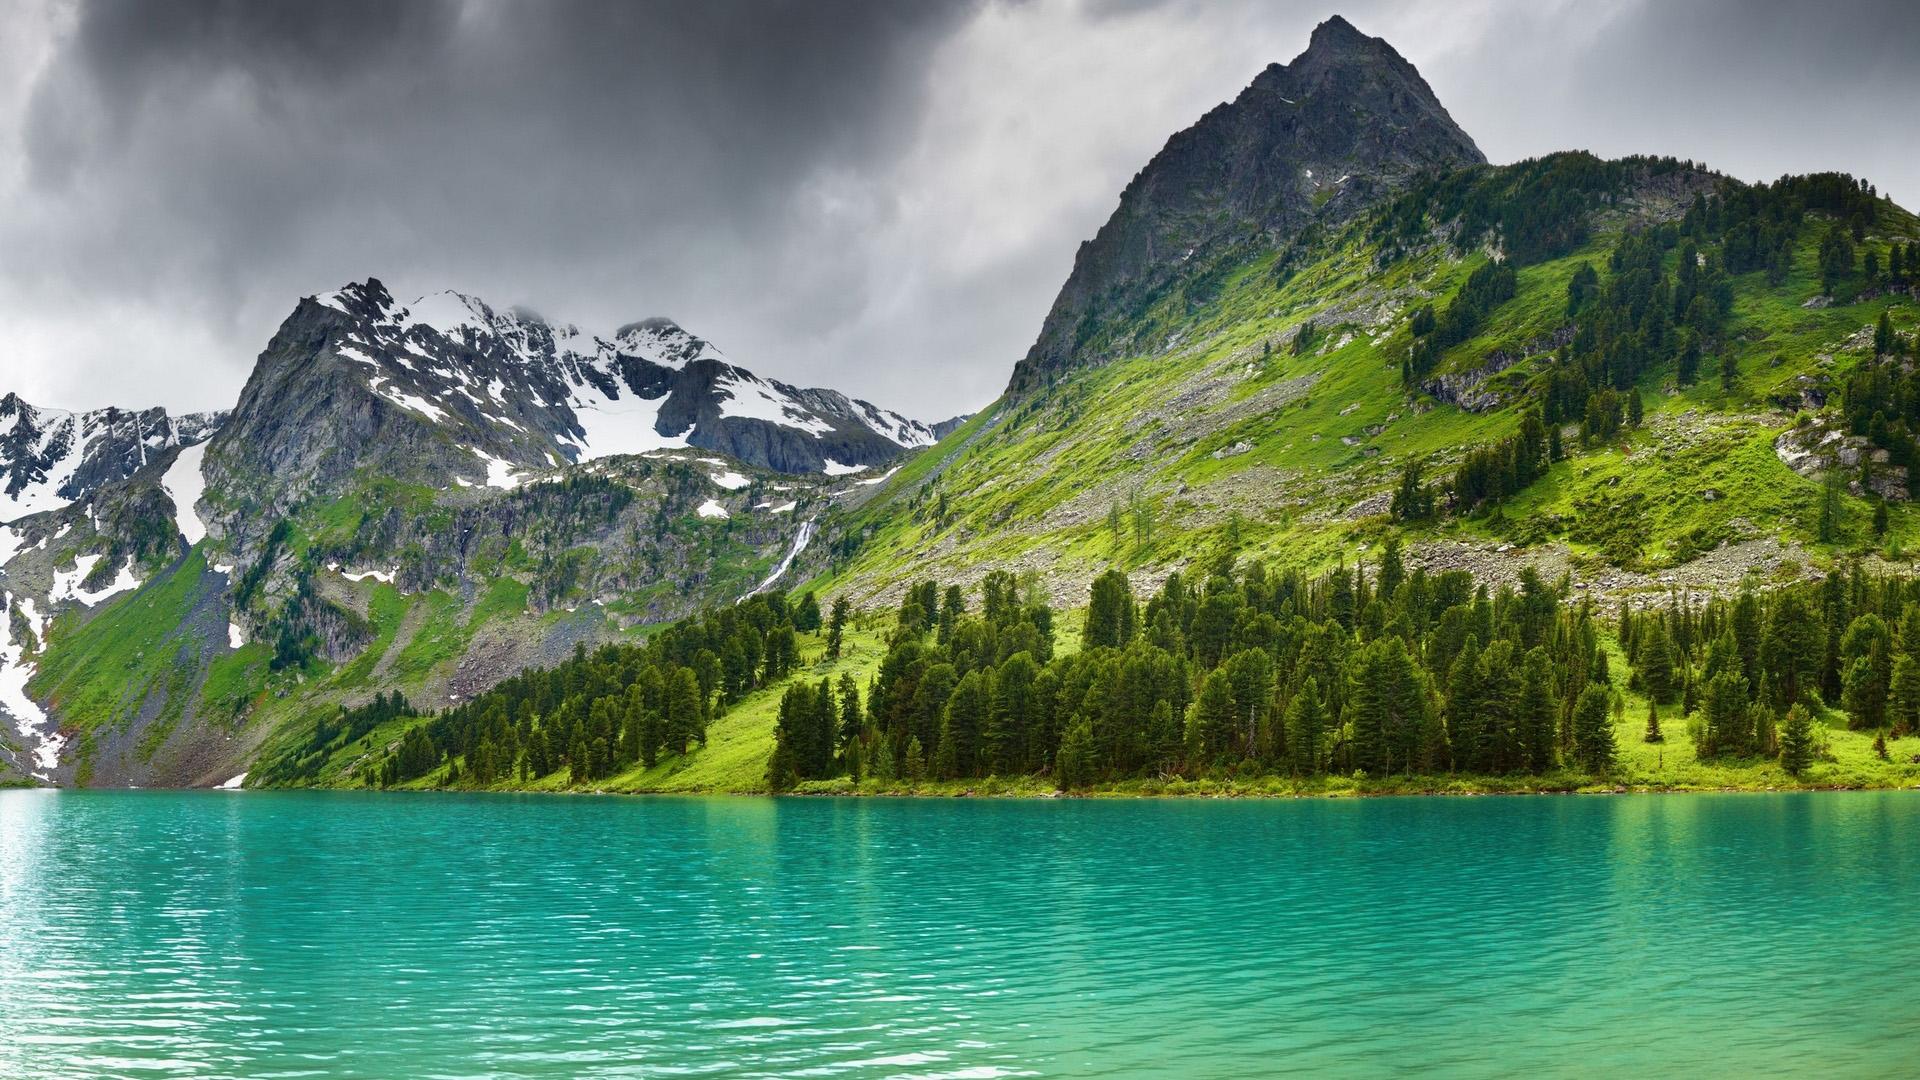 风景大片,自然风光,雪山,碧湖